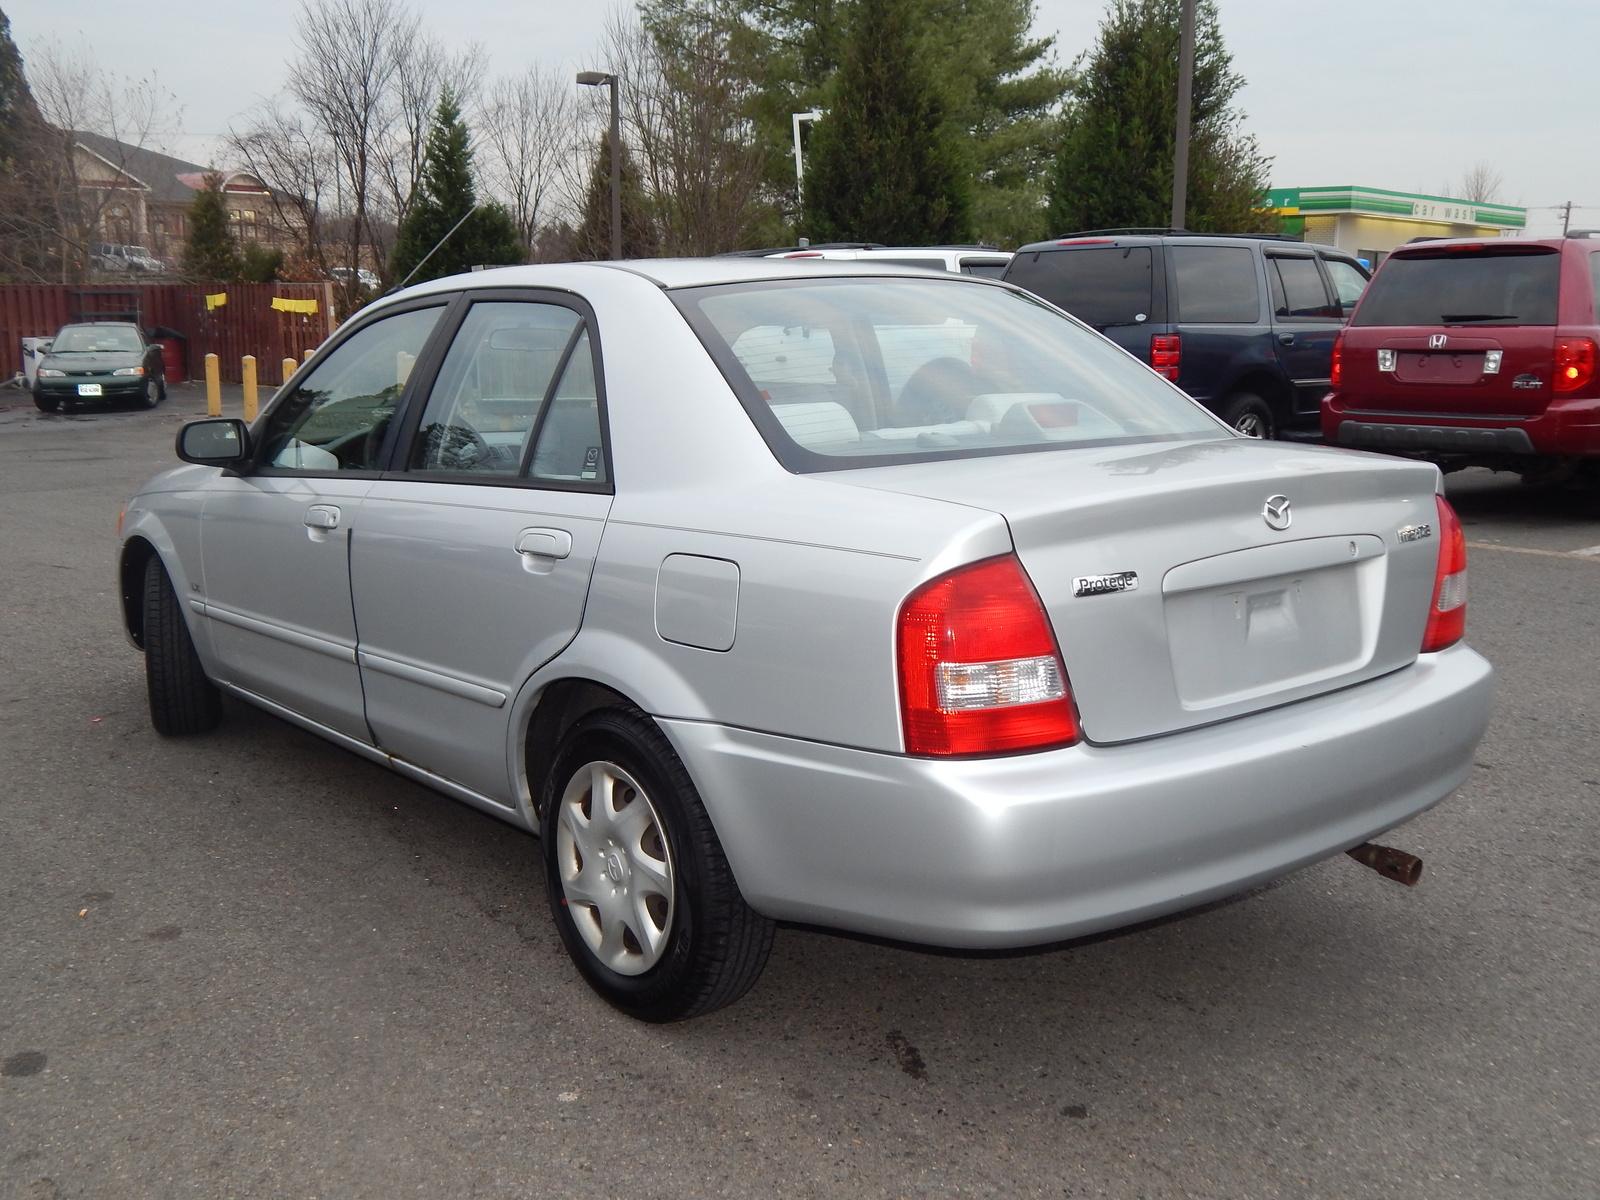 2000 Mazda Protege Pictures Cargurus